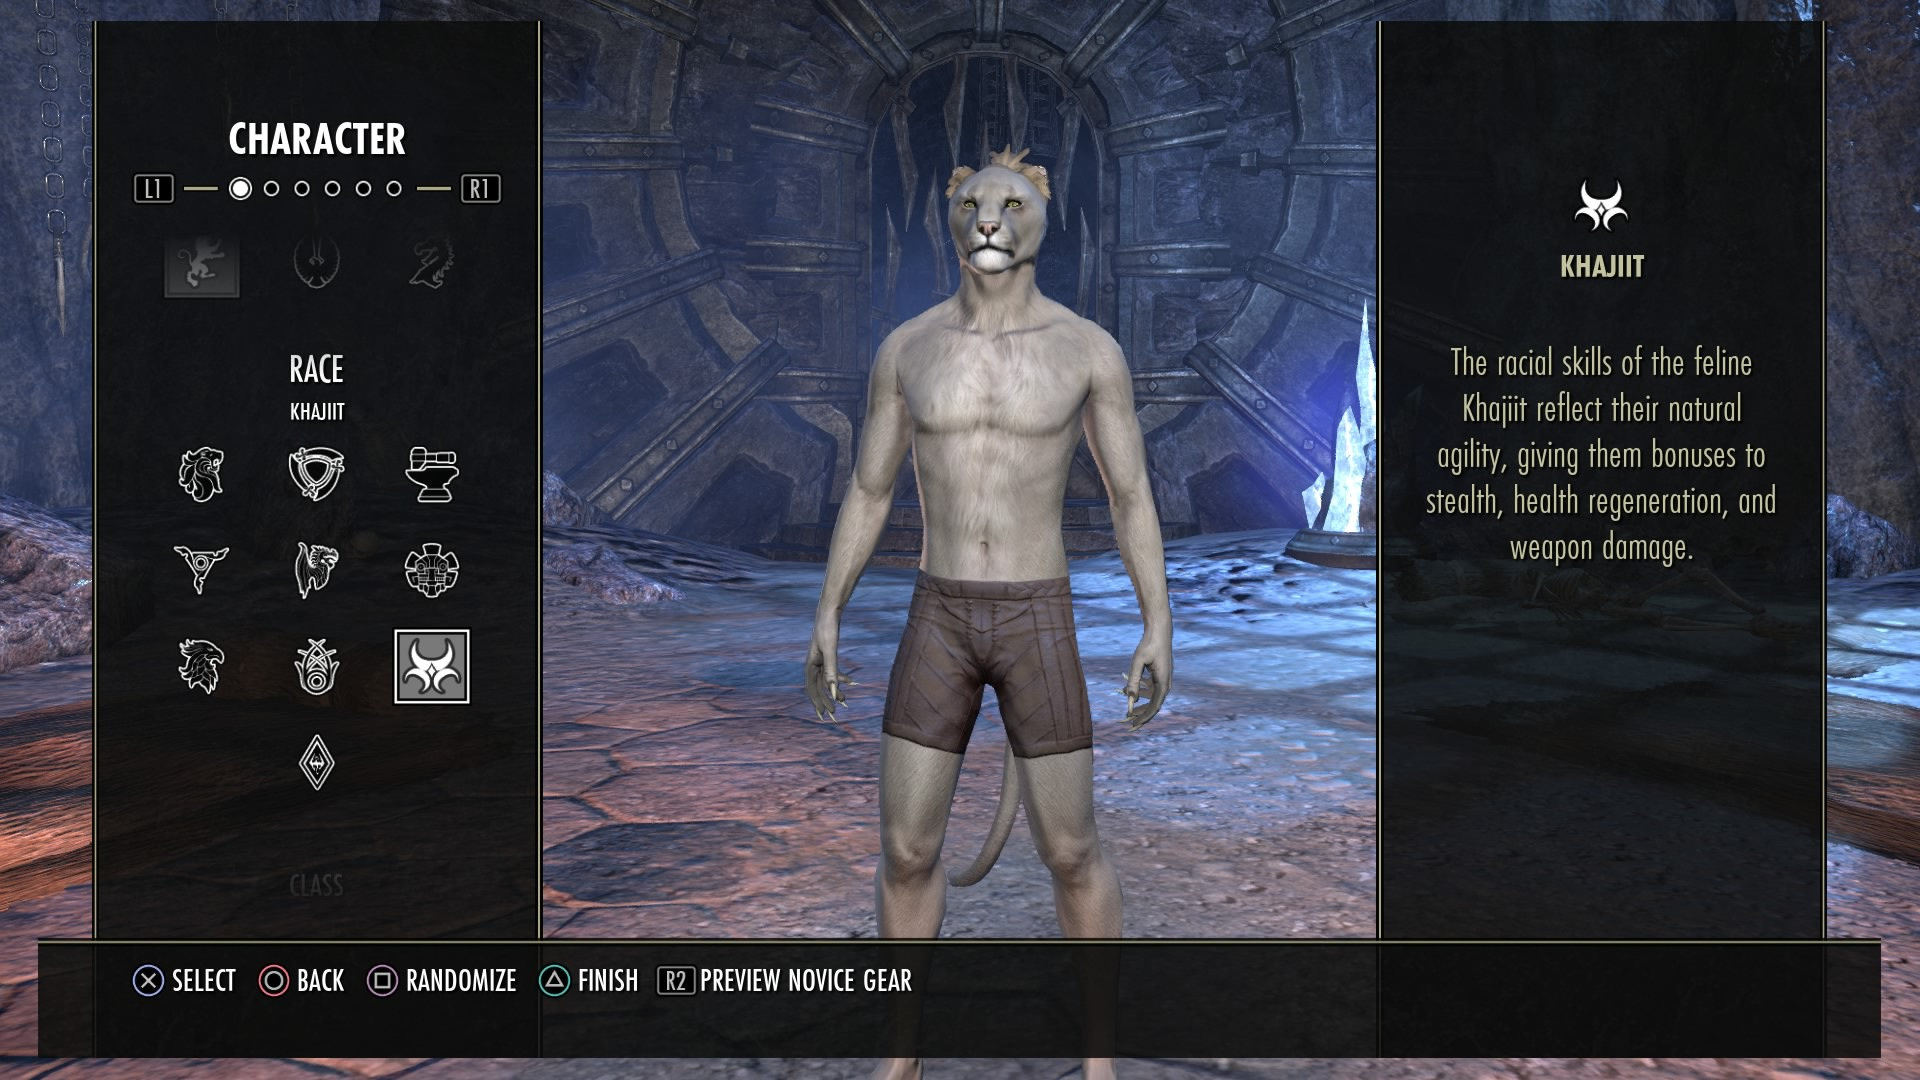 Der Charaktereditor bietet sehr viele Einstellungsmöglichkeiten.